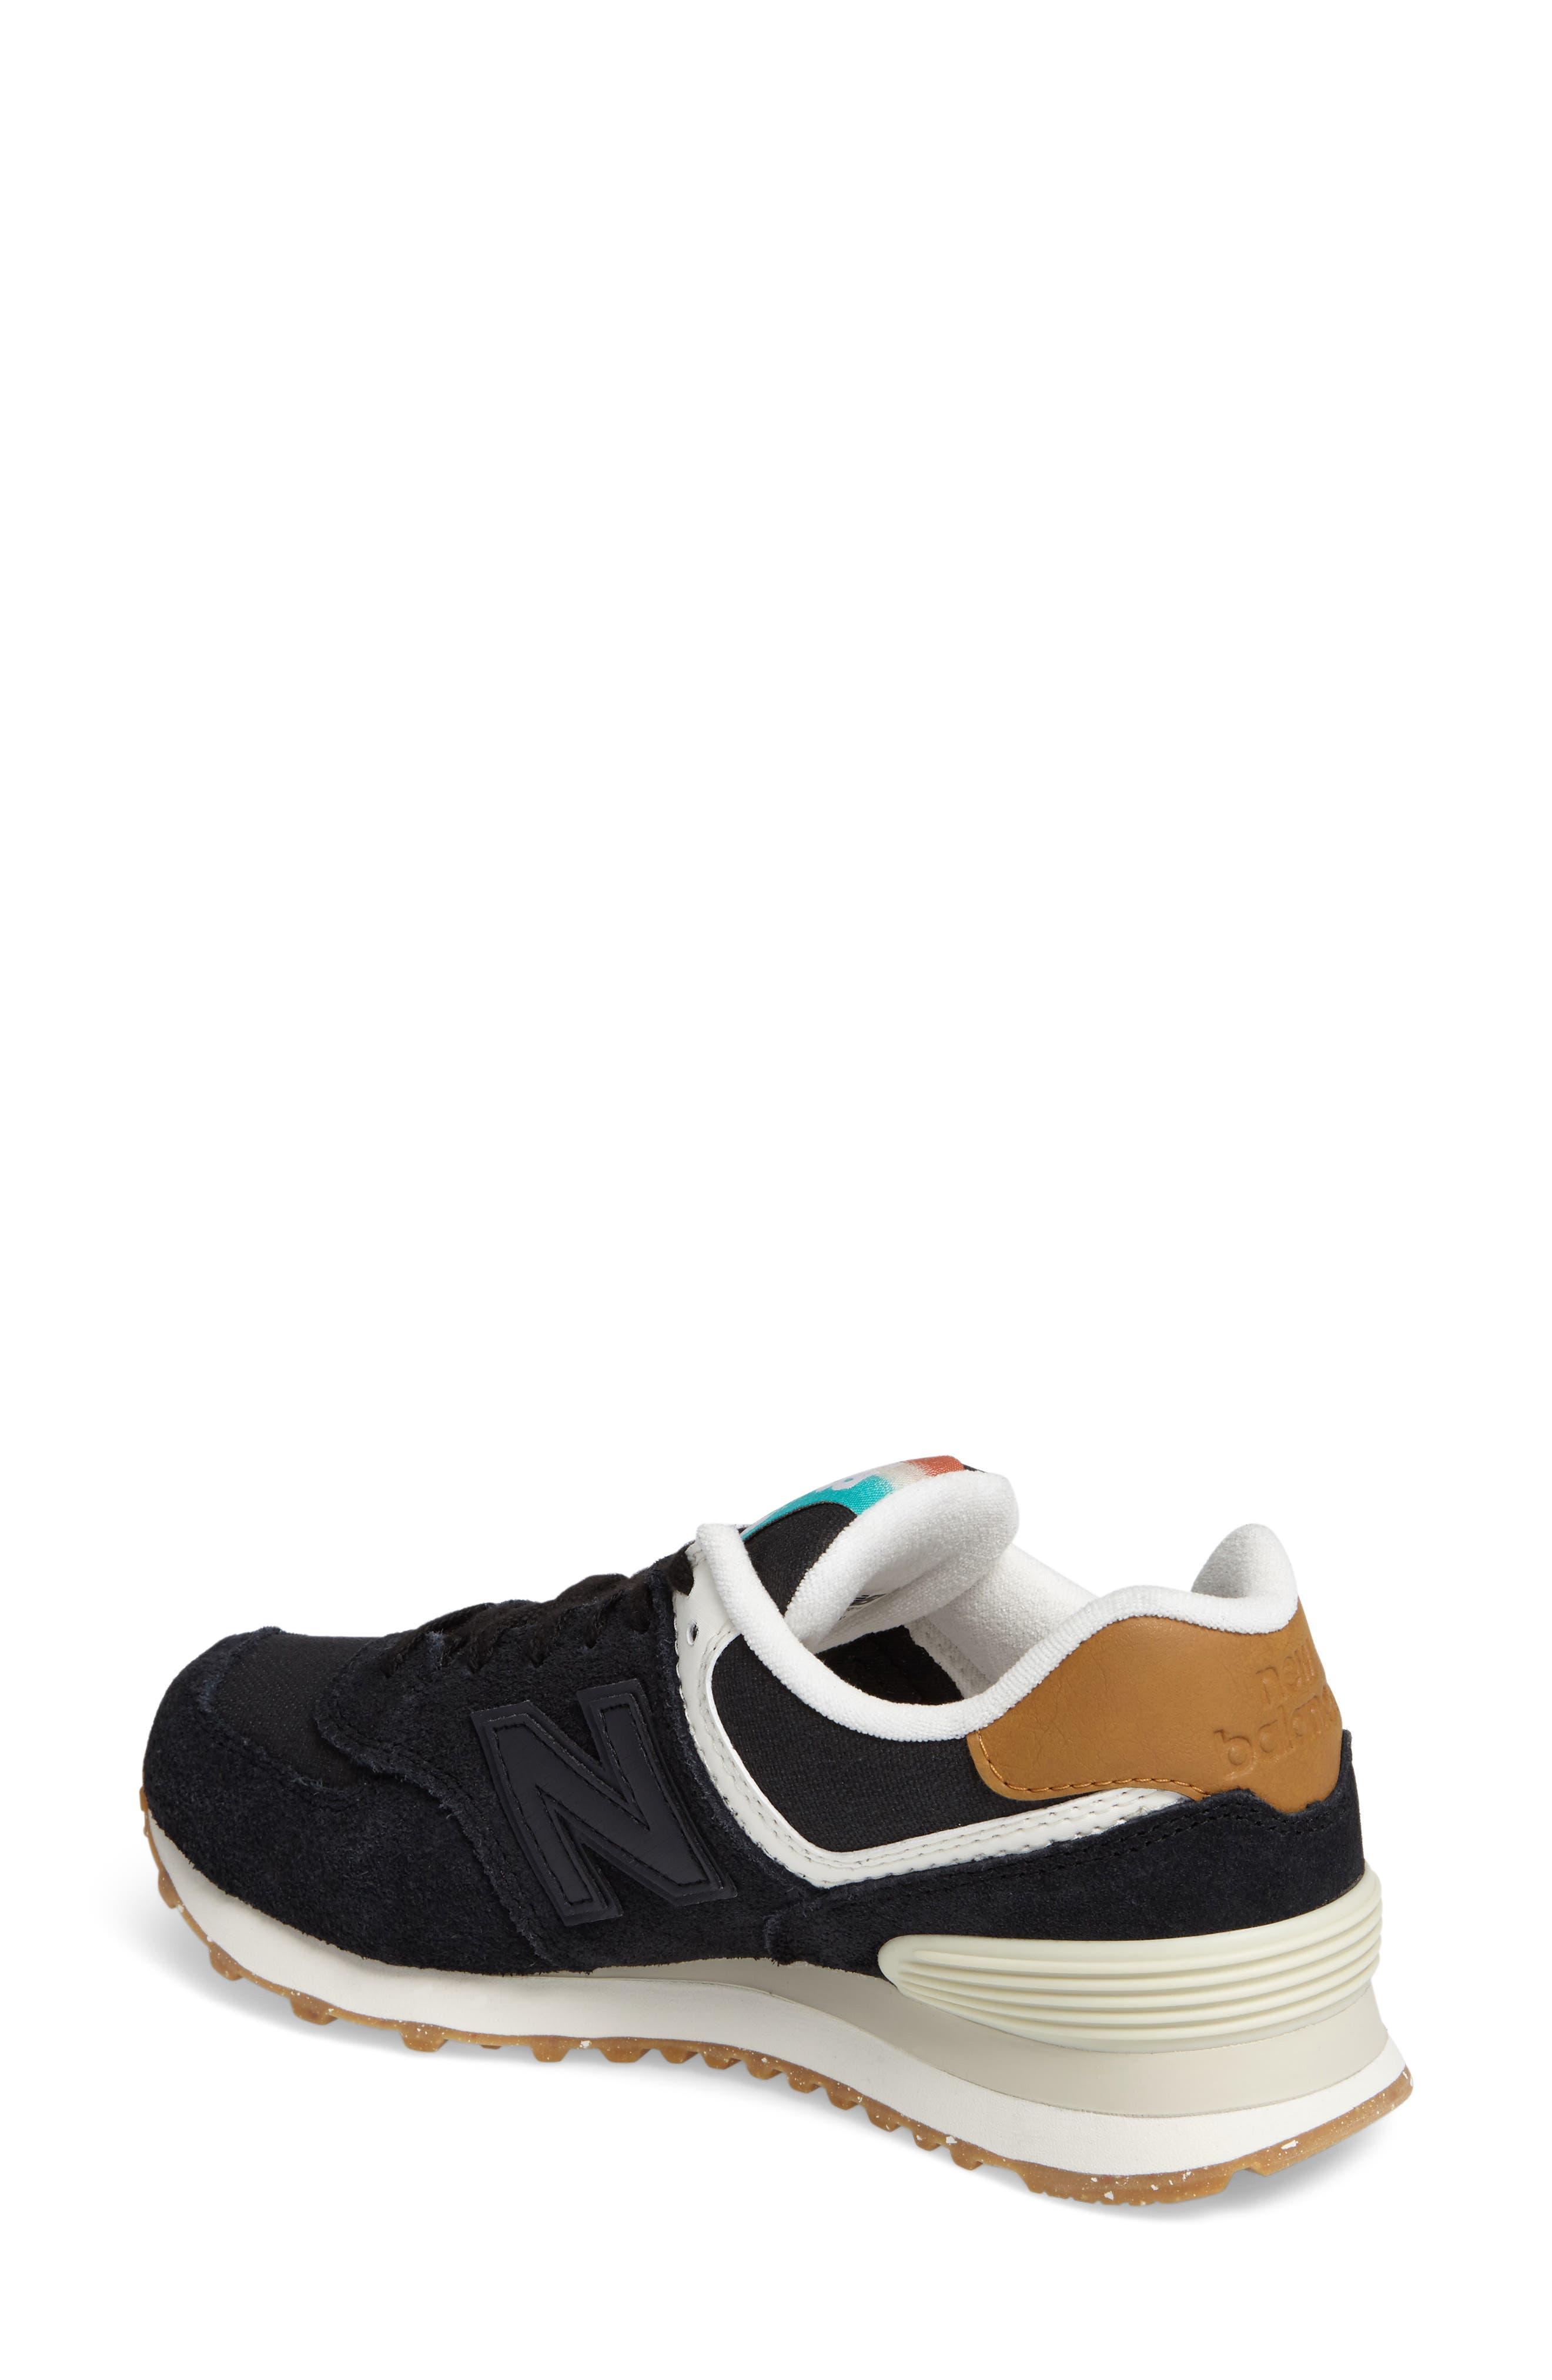 574 Global Surf Sneaker,                             Alternate thumbnail 2, color,                             001